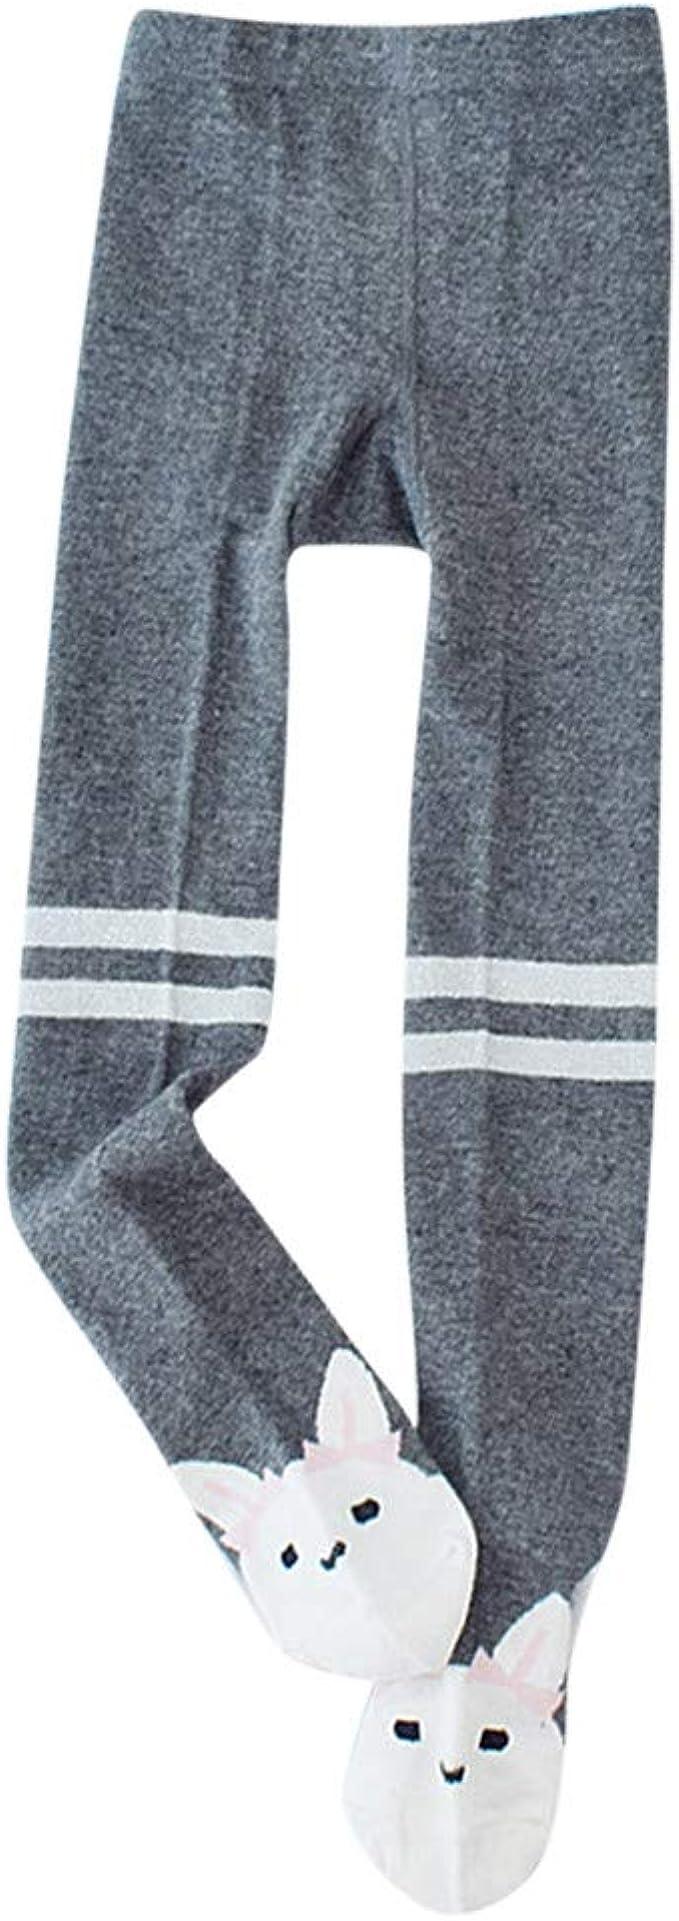 QinMMROPA medias pantys de dibujos animados cálidos de invierno de niñas bebés chicas lunares animales medias panty calcetín térmico medias algodon C M: Amazon.es: Ropa y accesorios